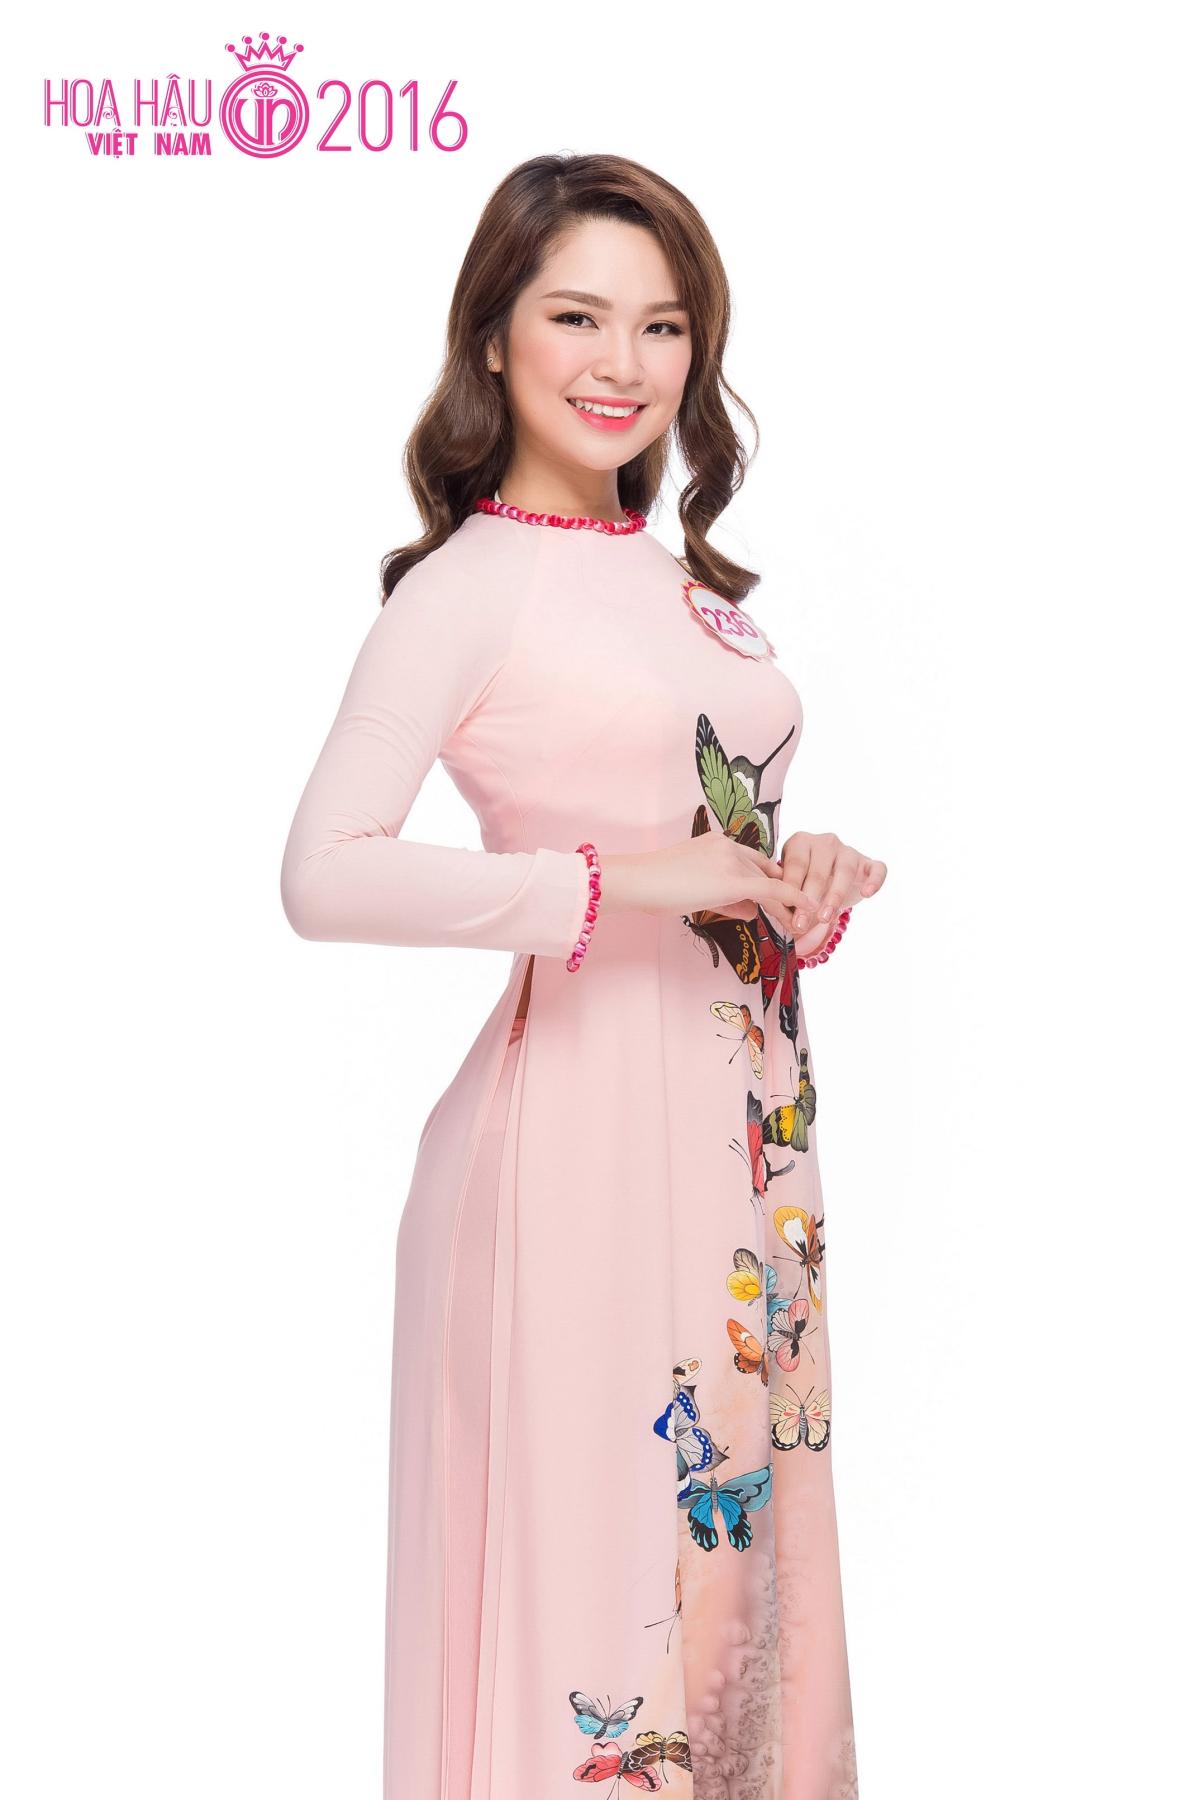 236 - Phan Thu Phuong 2jpg